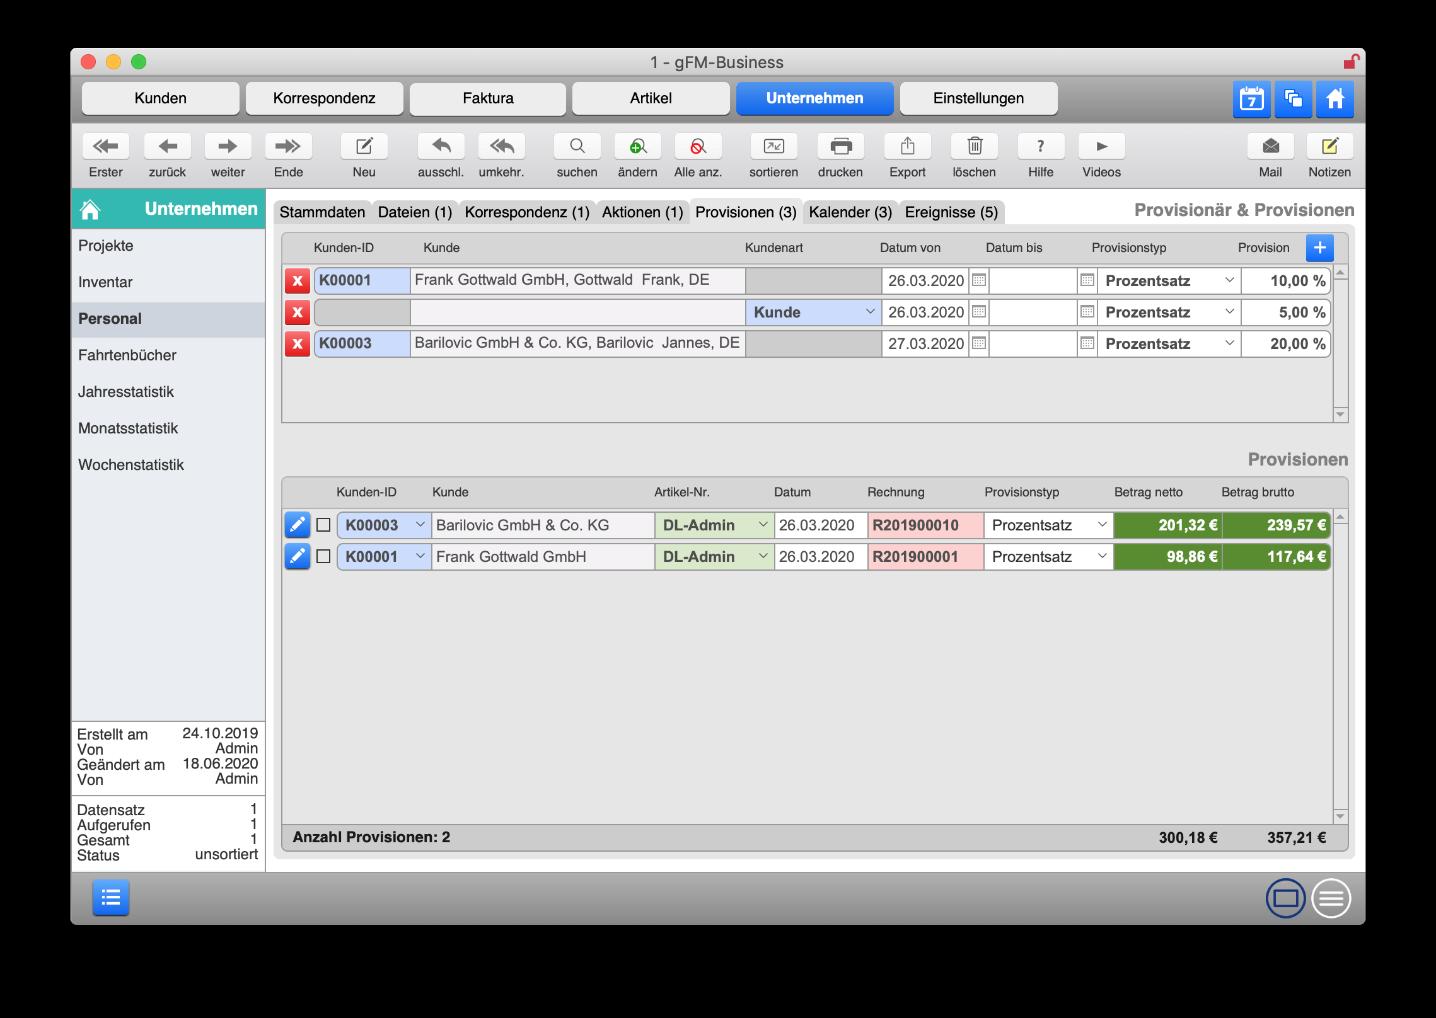 Personalverwaltung mit automatischer Abrechnung von Provisionen